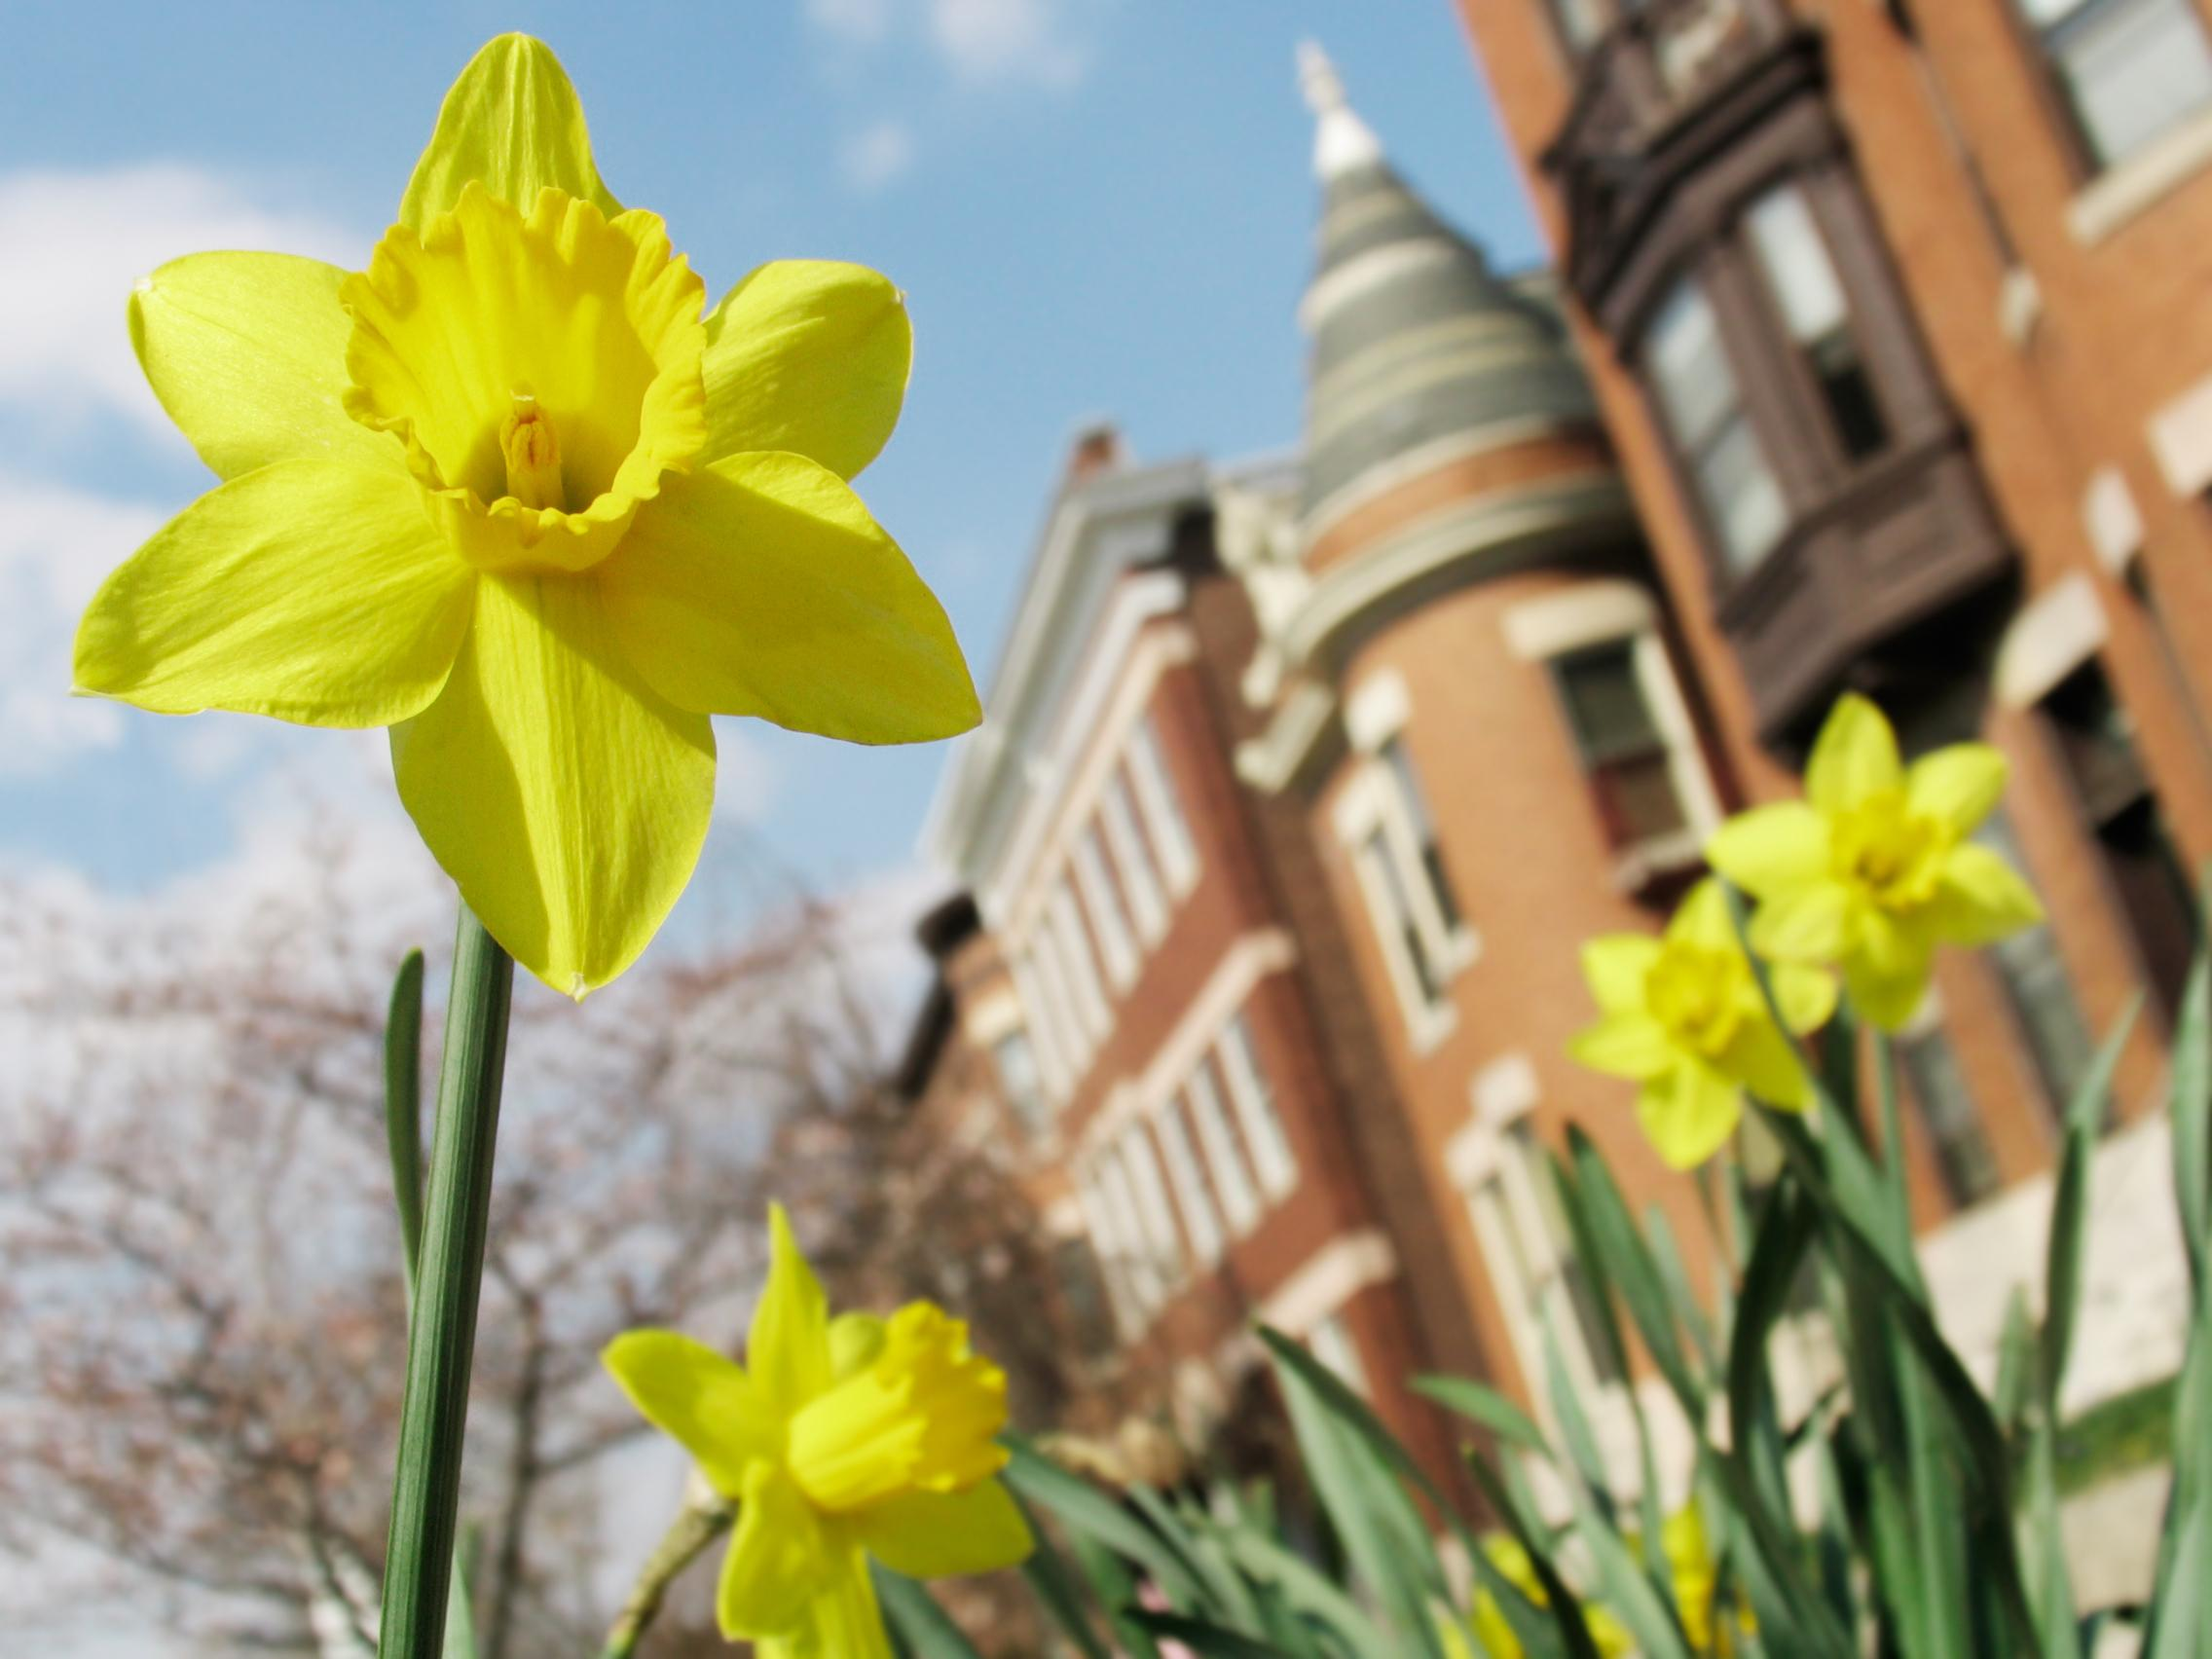 Visit Maryland Spring 2020 - Environmental Law Seminar: Global Environmental Law